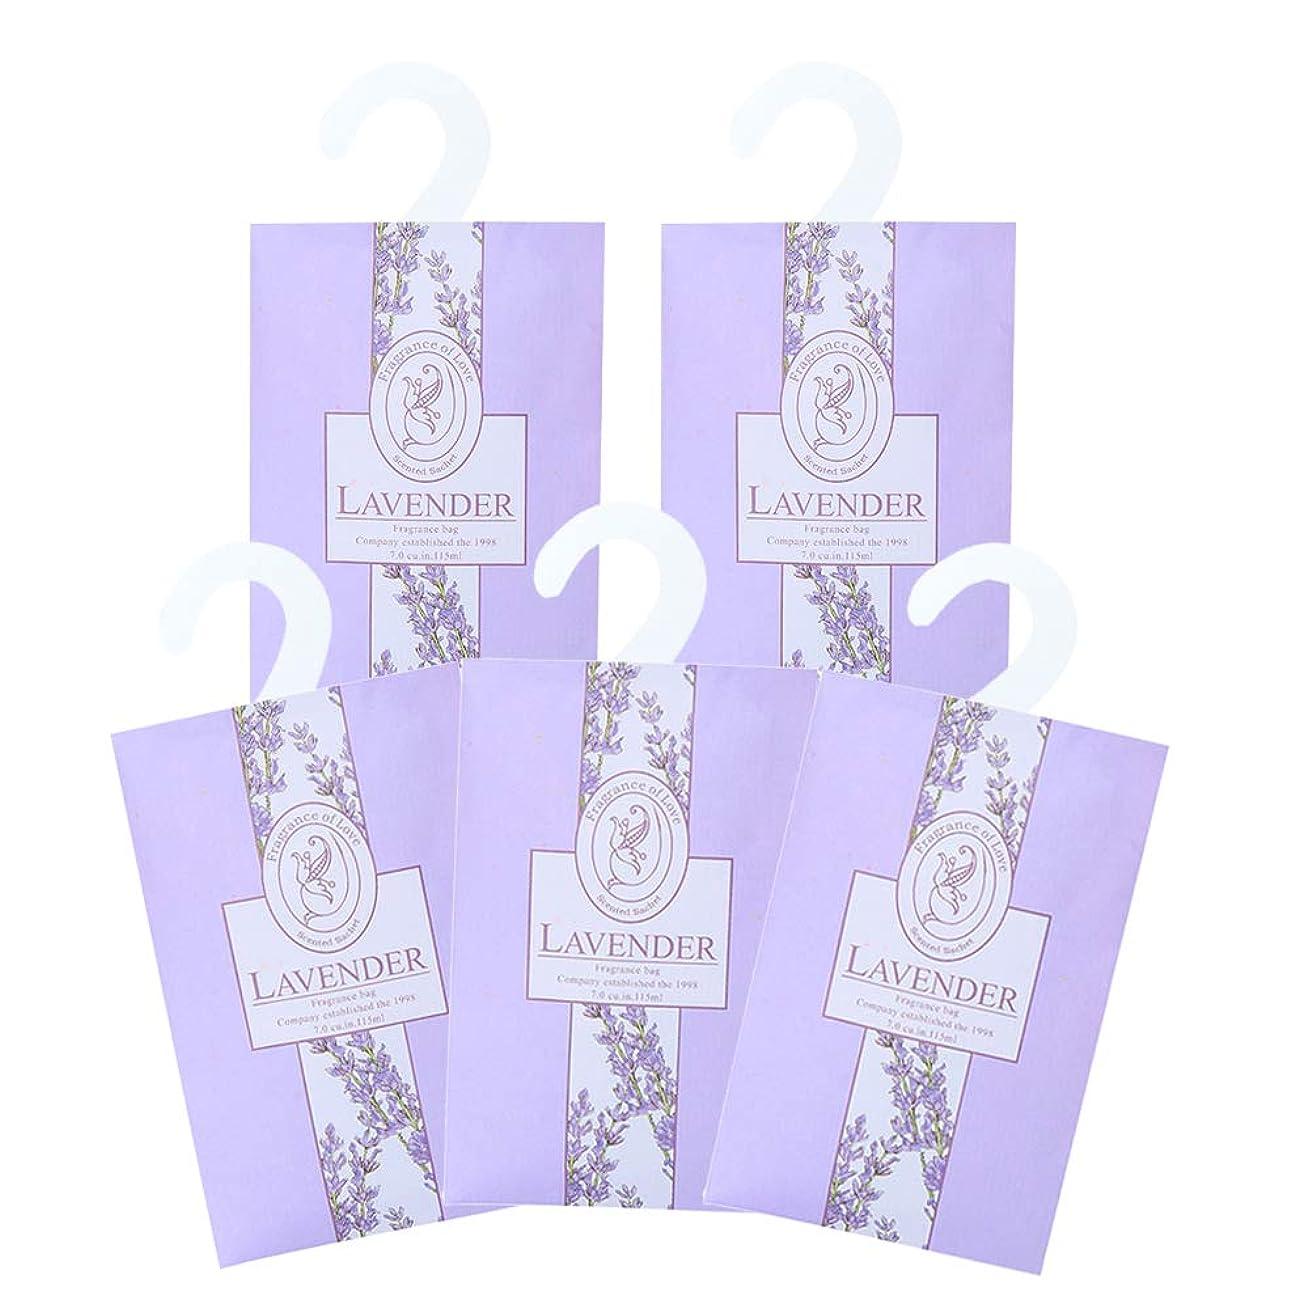 義務的麻痺禁じるTINKSKY 香り袋 サシェ 5枚セット 花の香り ルームフレグランス 車内用 玄関用 部屋用 着物用 芳香剤(ラベンダー)